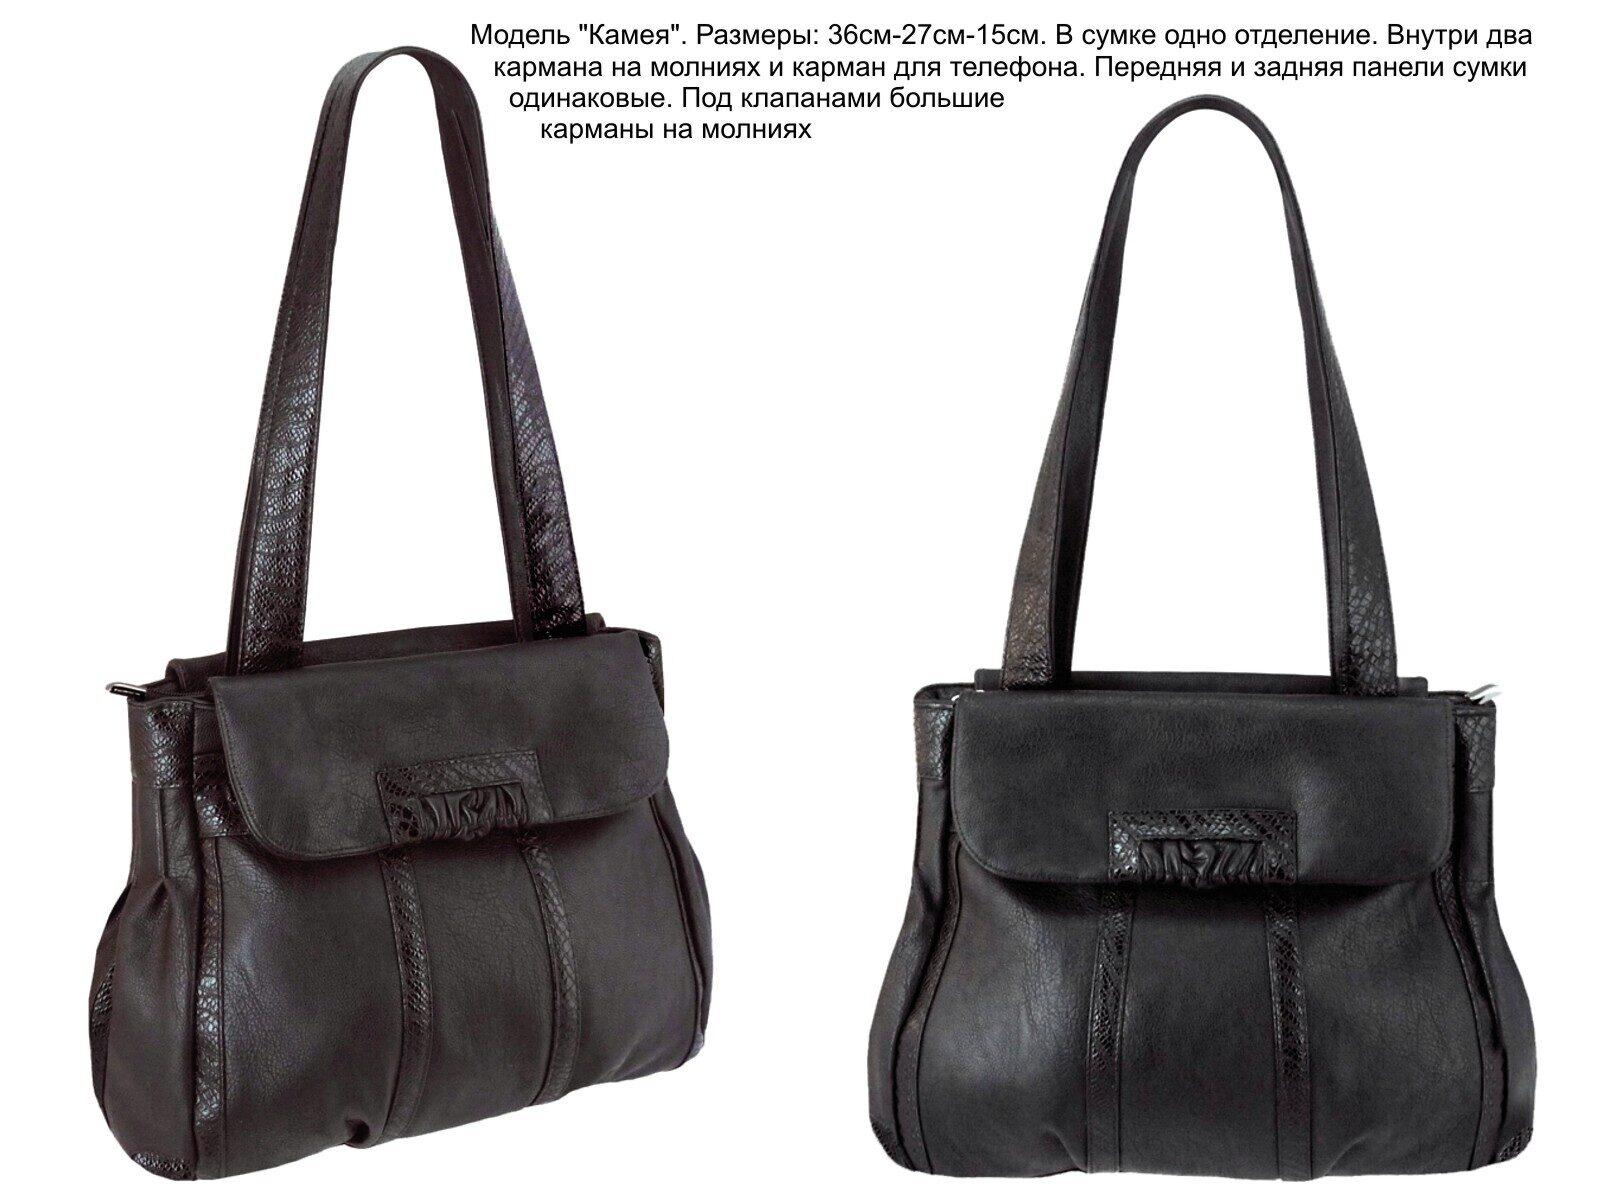 effdd97a5088 Женская сумка